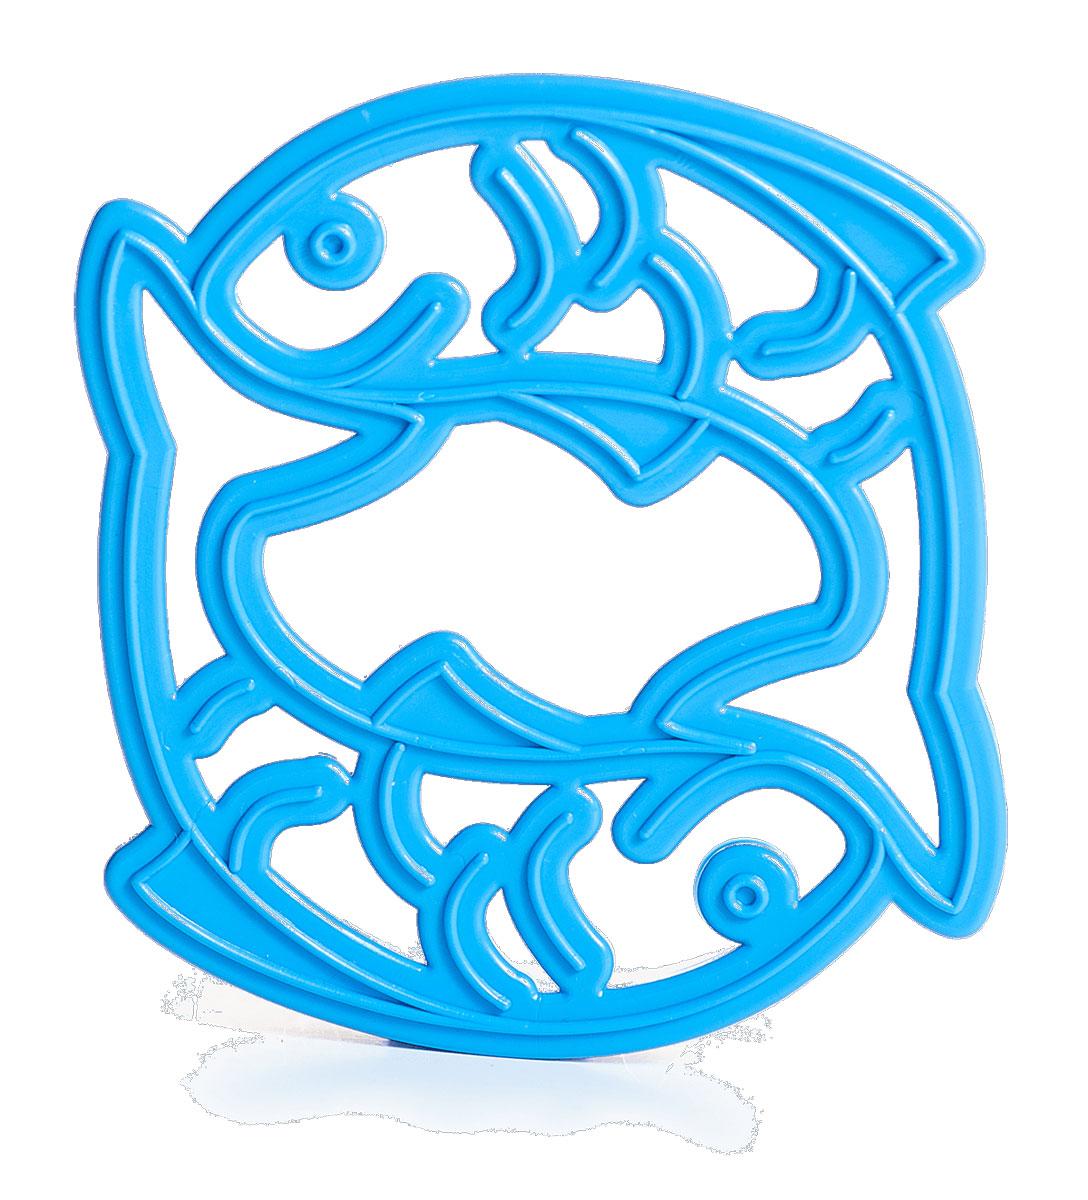 Форма для печенья и пряников Леденцовая фабрика Знаки зодиака. РыбыВ20Многоразовая форма из коллекции Знаки зодиака подходит для вырезания песочного ипряничного теста, для домашнего и профессионального использования. Просто поместите формочку на предварительно раскатанный пласт, оттисните узор, снимите. Выувидите не только контур, но и красивый внутренний рисунок. С помощью такой формы можно приготовить сладости своими руками: испеките печенье илипряник в виде Рыбы - угостите или подарите своим близким и друзьям. Ваши Рыбы будут ввосторге.